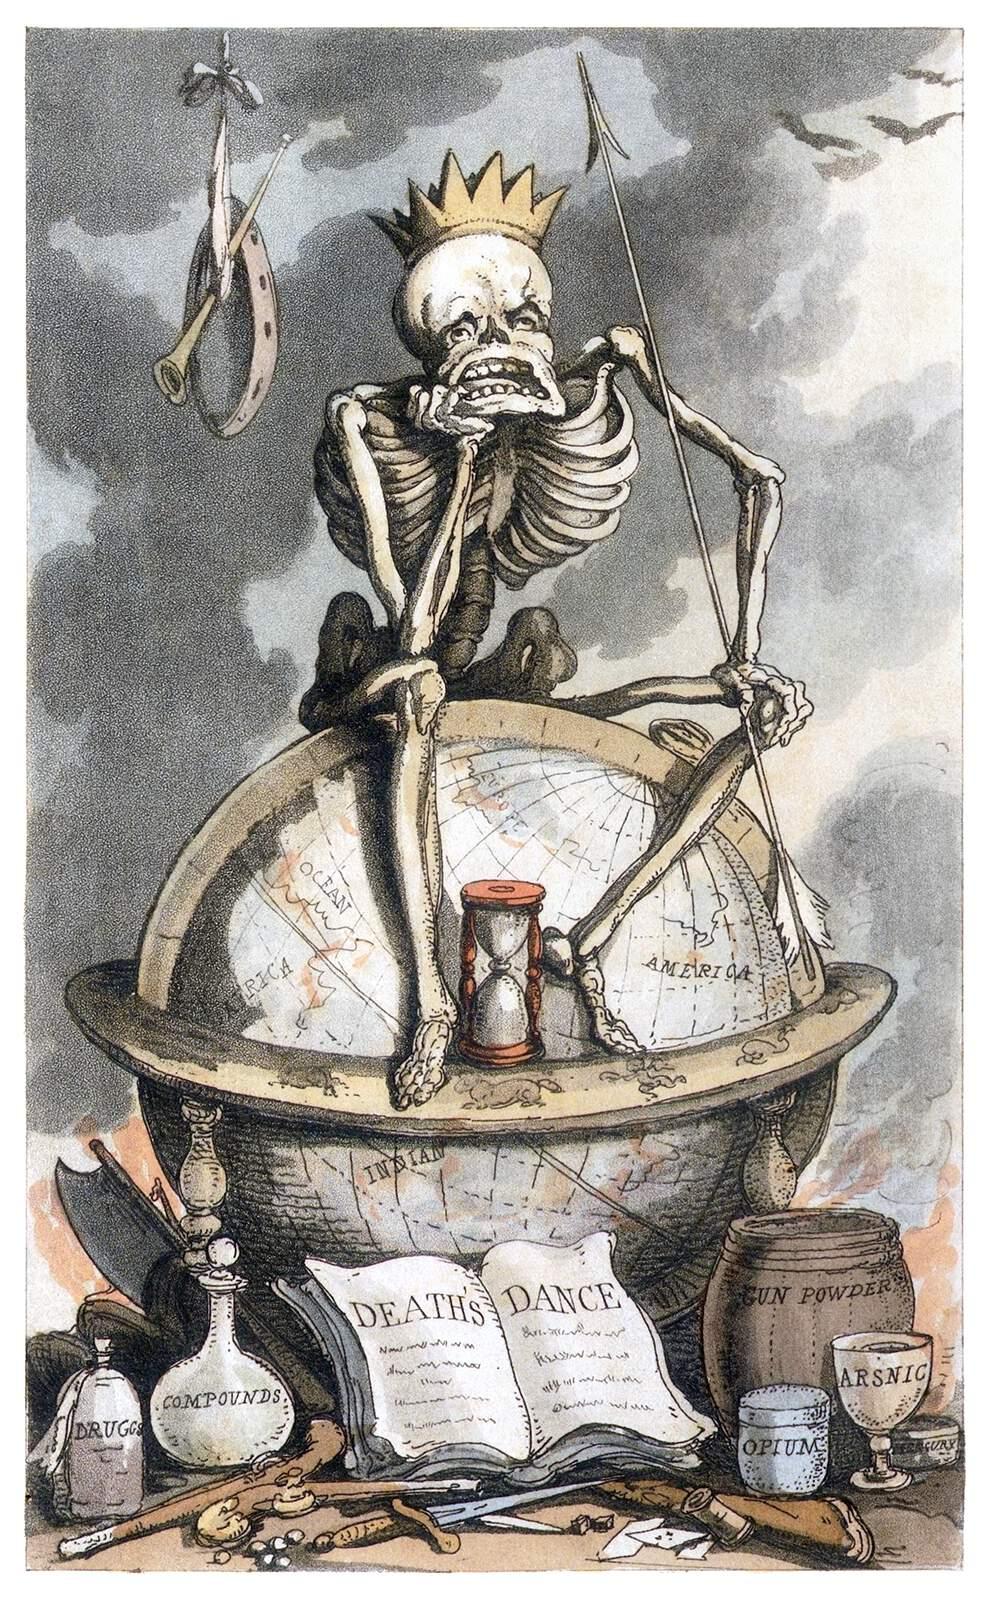 dance-death-frontispiece-1600.jpg (992×1600)